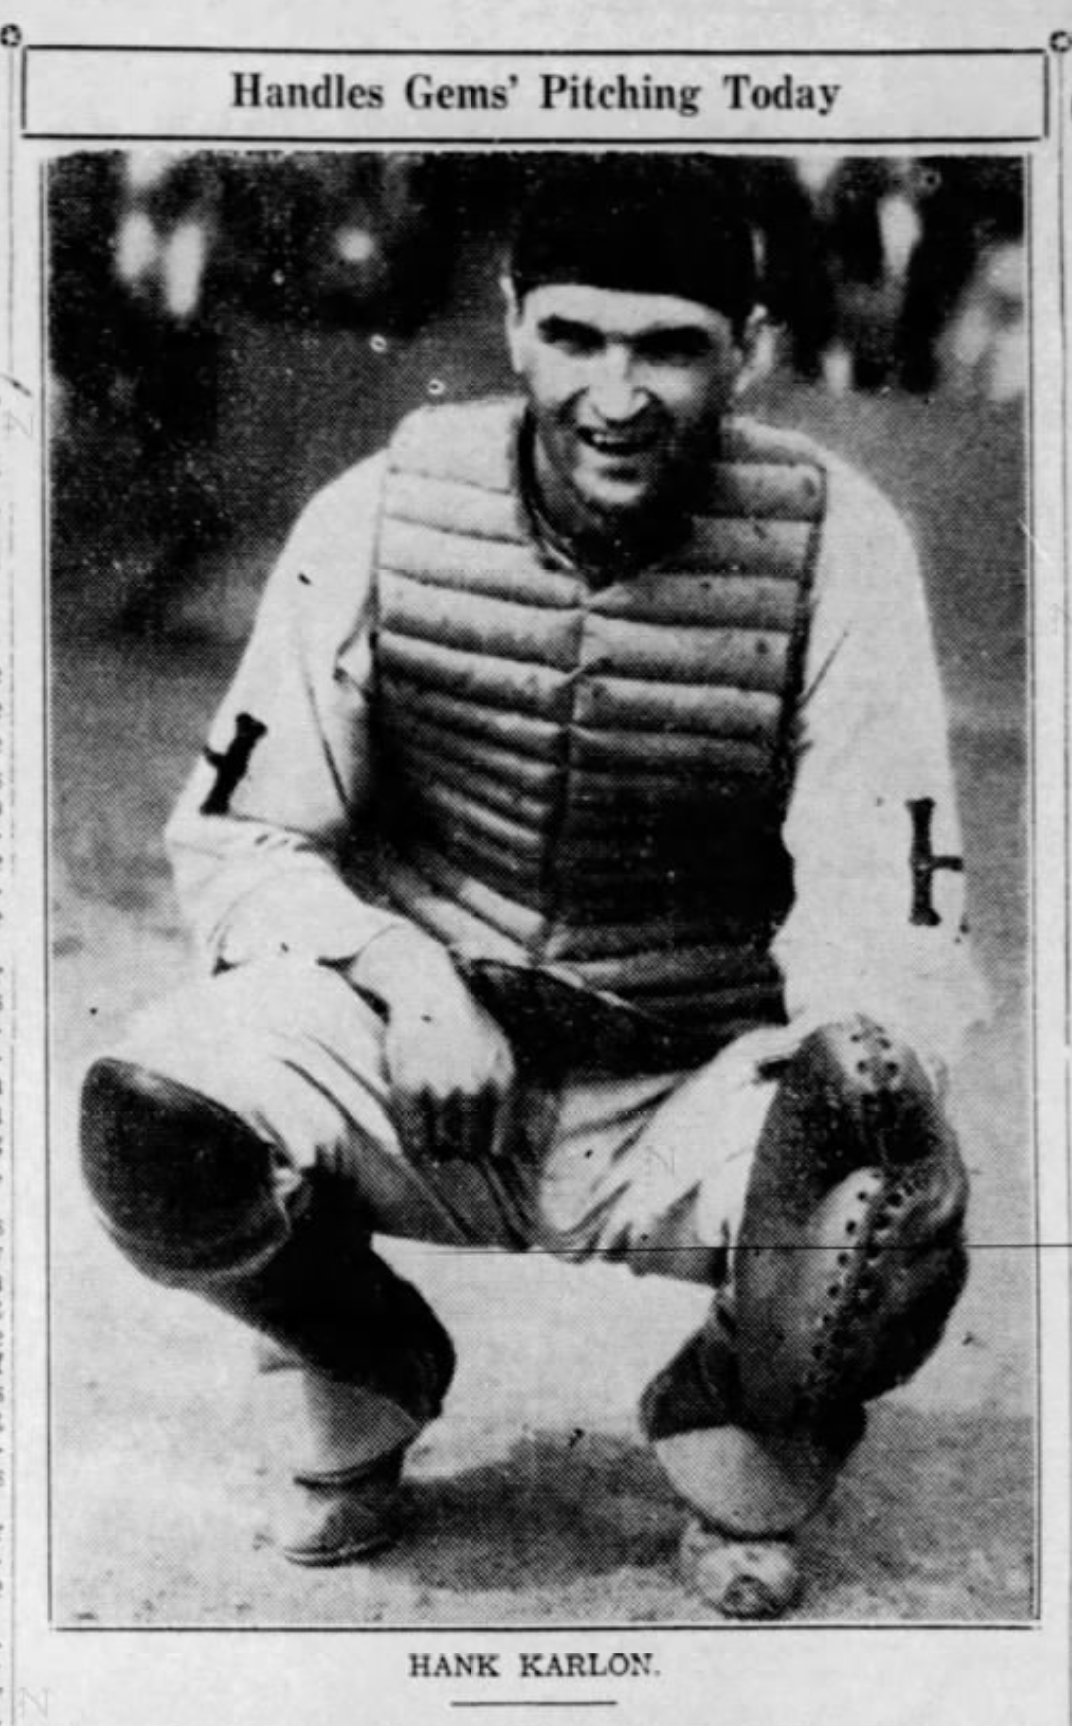 Hank Karlon, Savitt Gems, 1937.